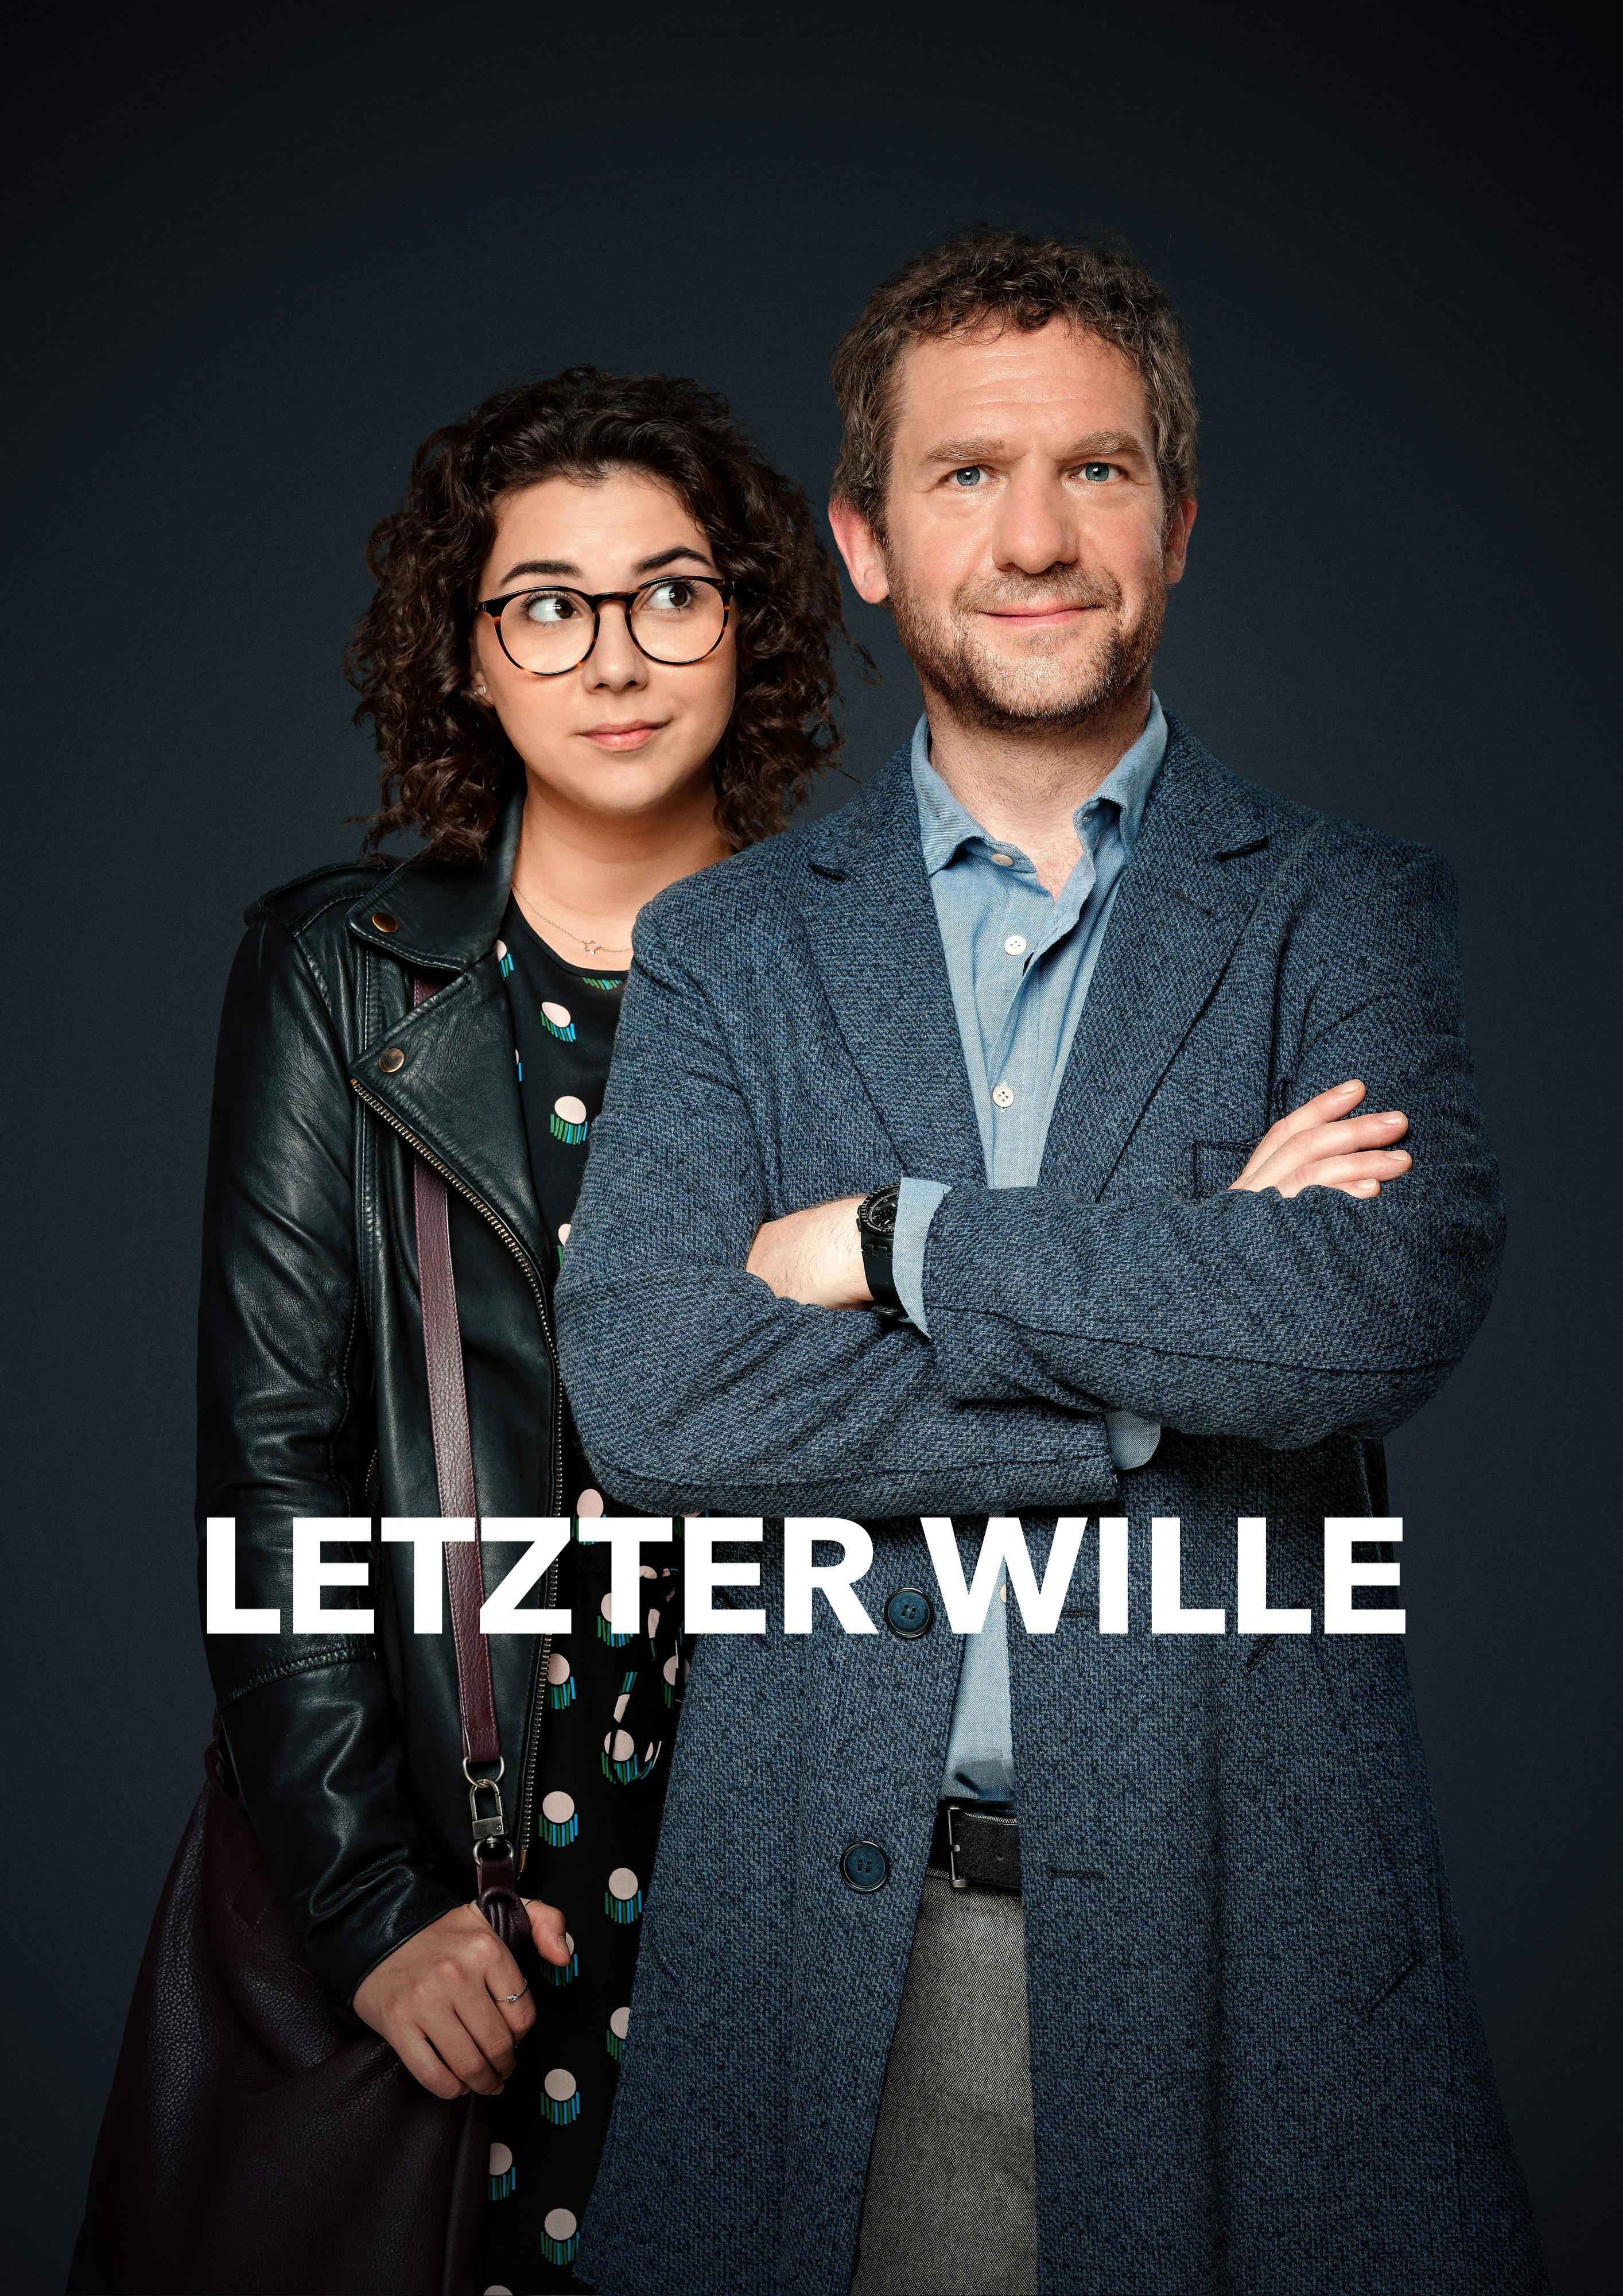 Letzter Wille